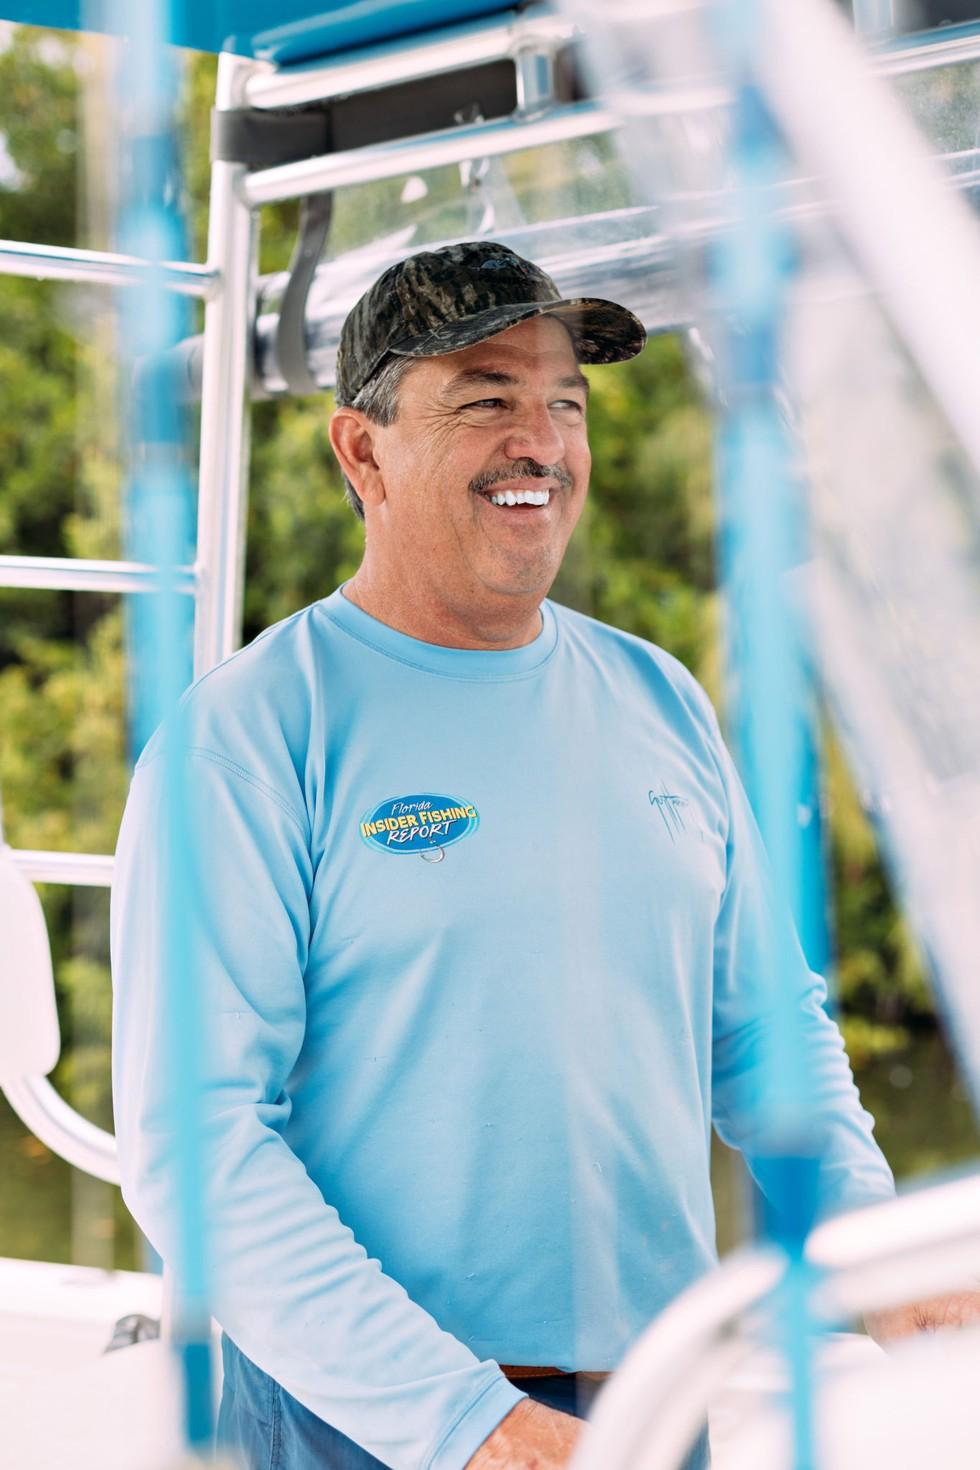 Randy Towe, fishing guide